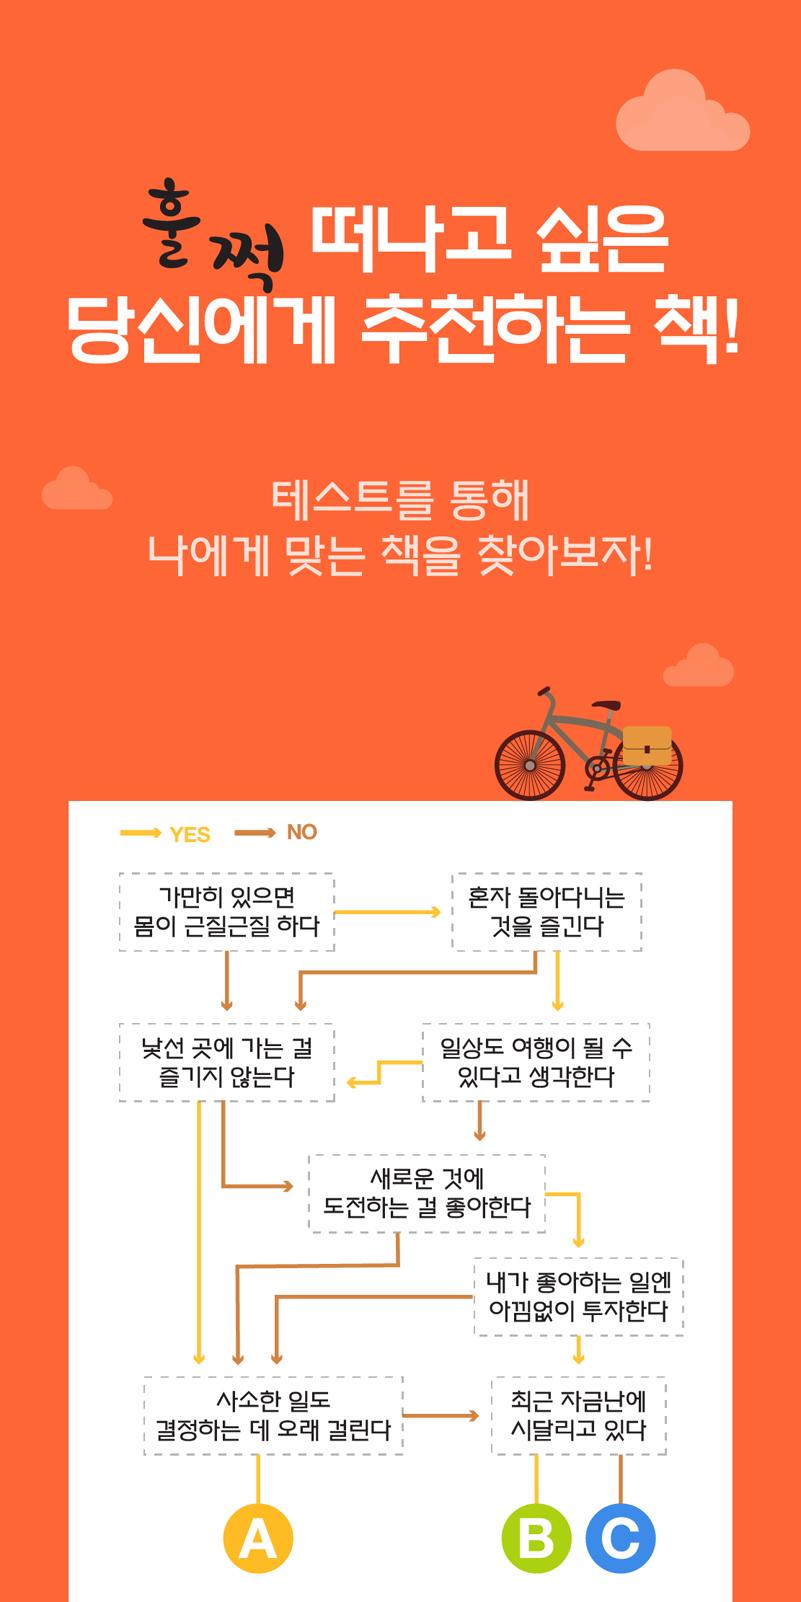 FB2015_99_vinglecard사이즈수정